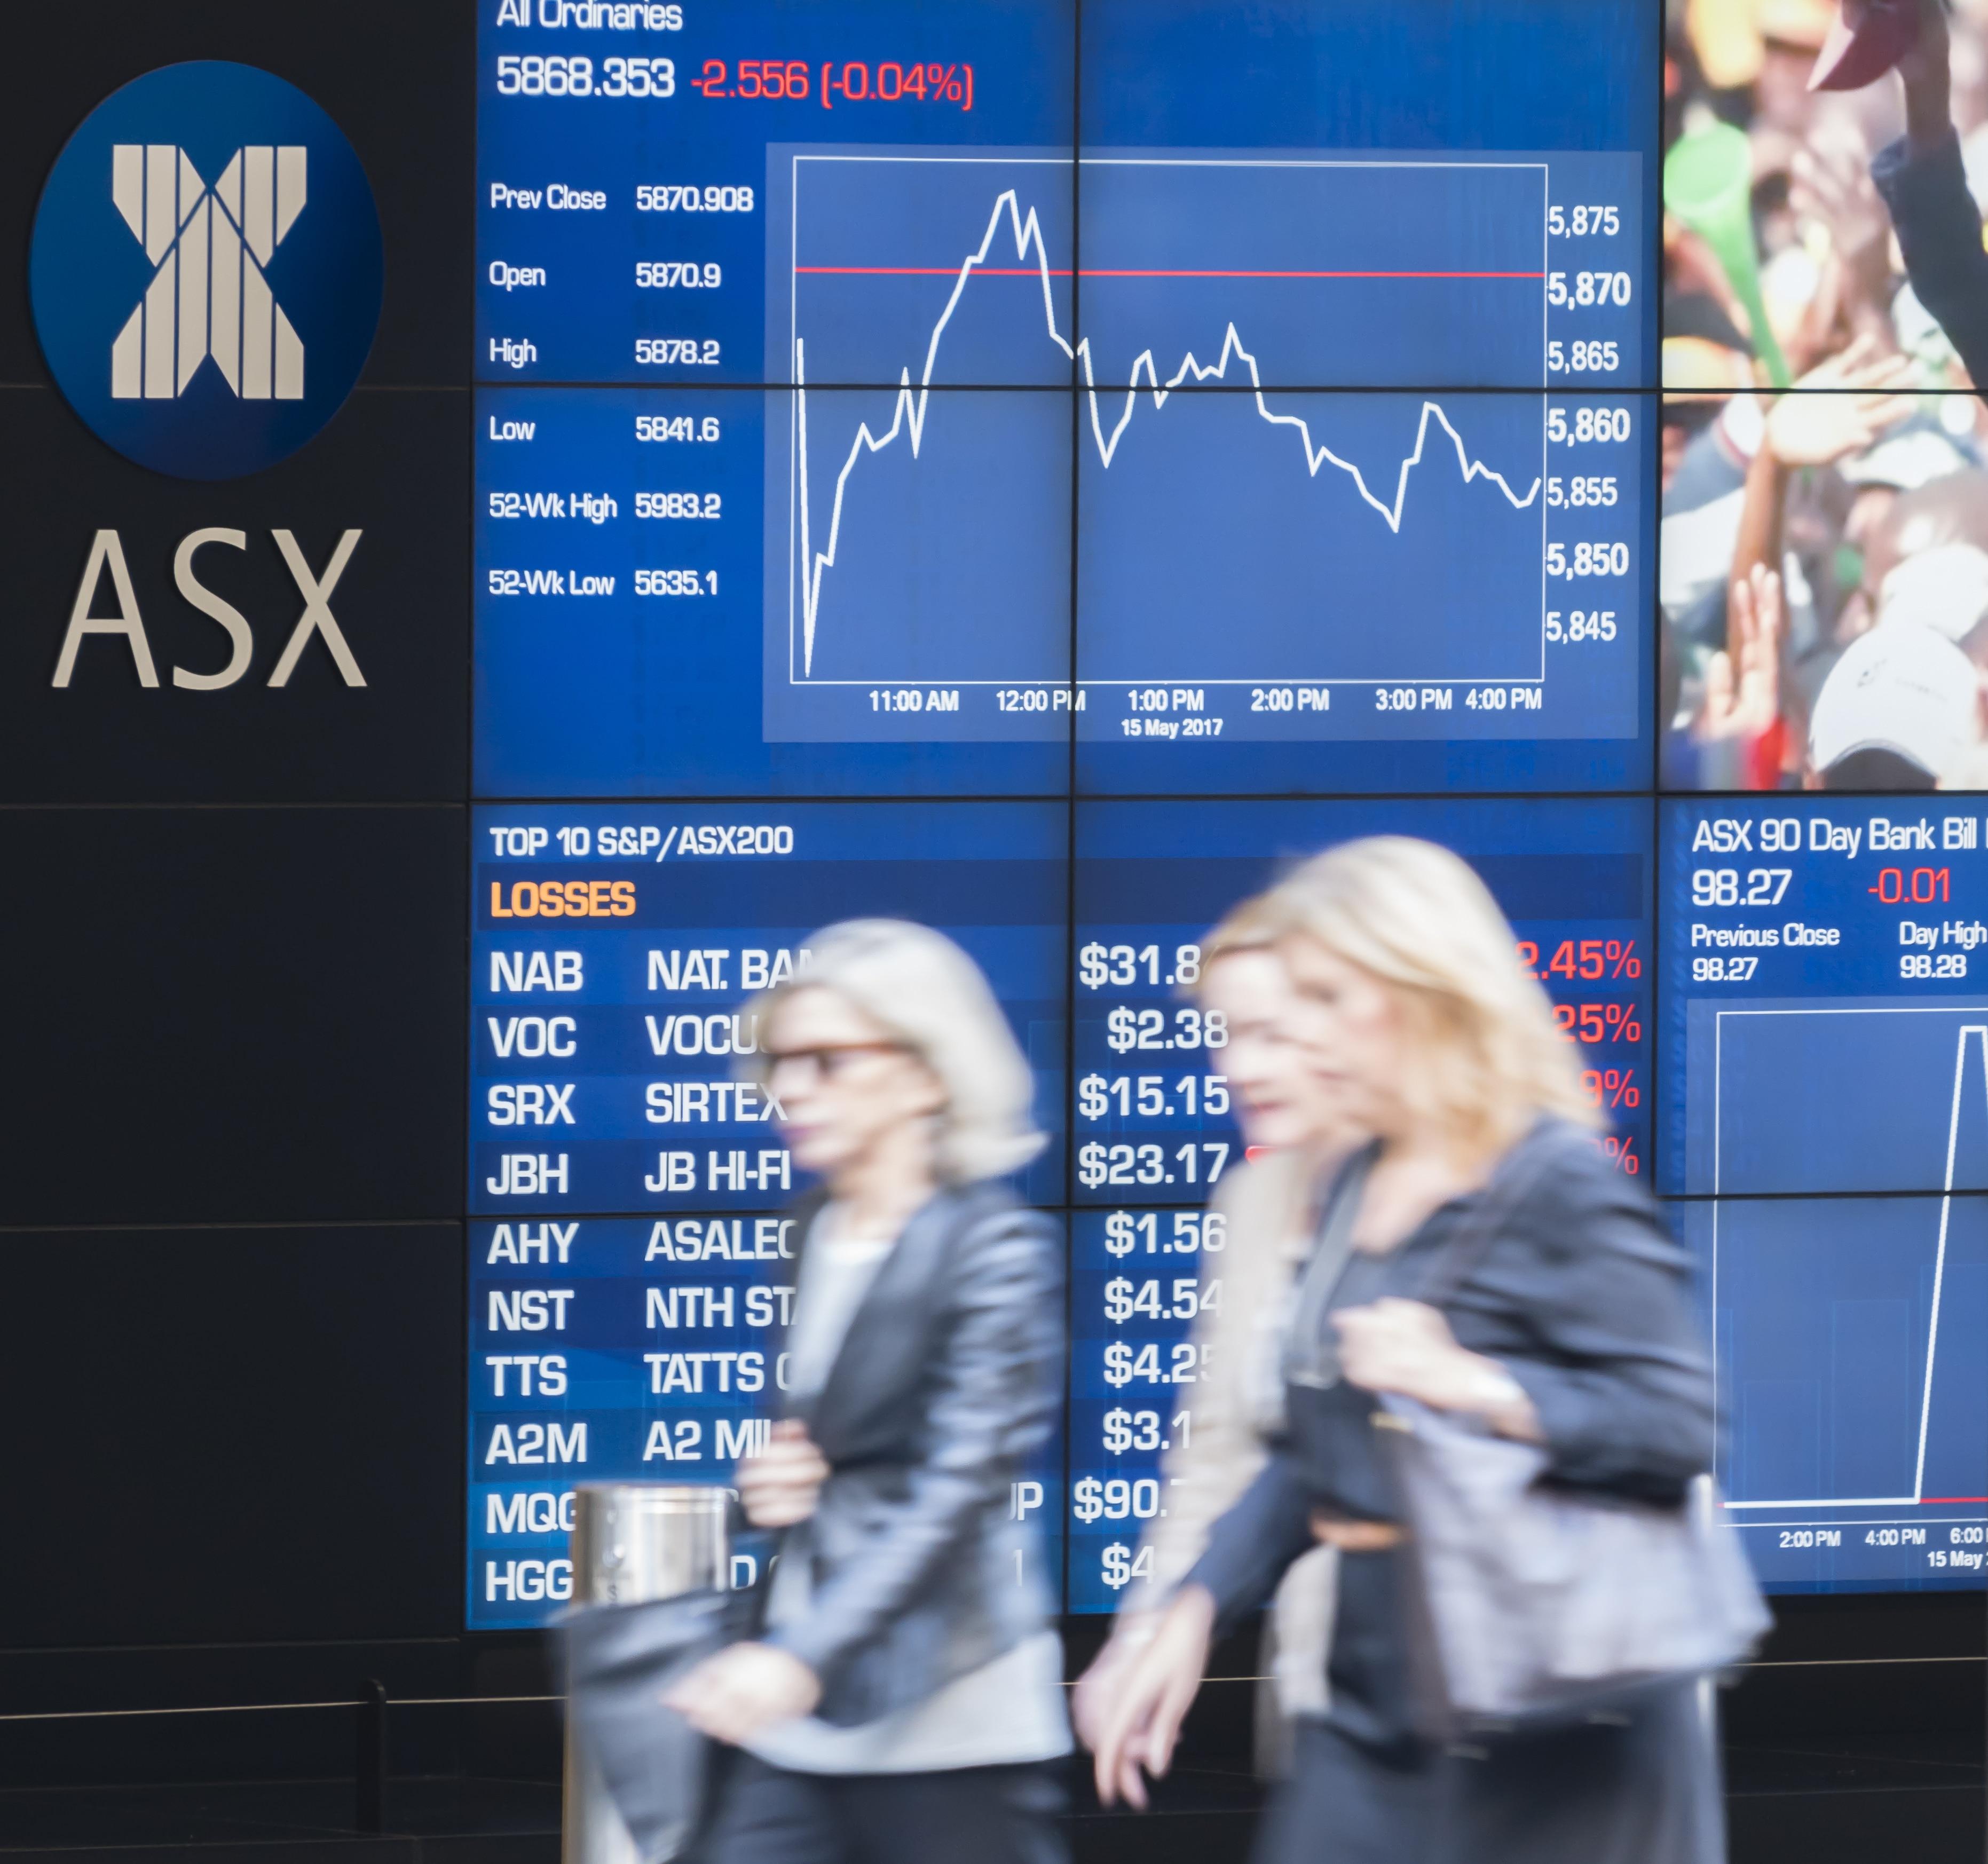 bourse australienne asx